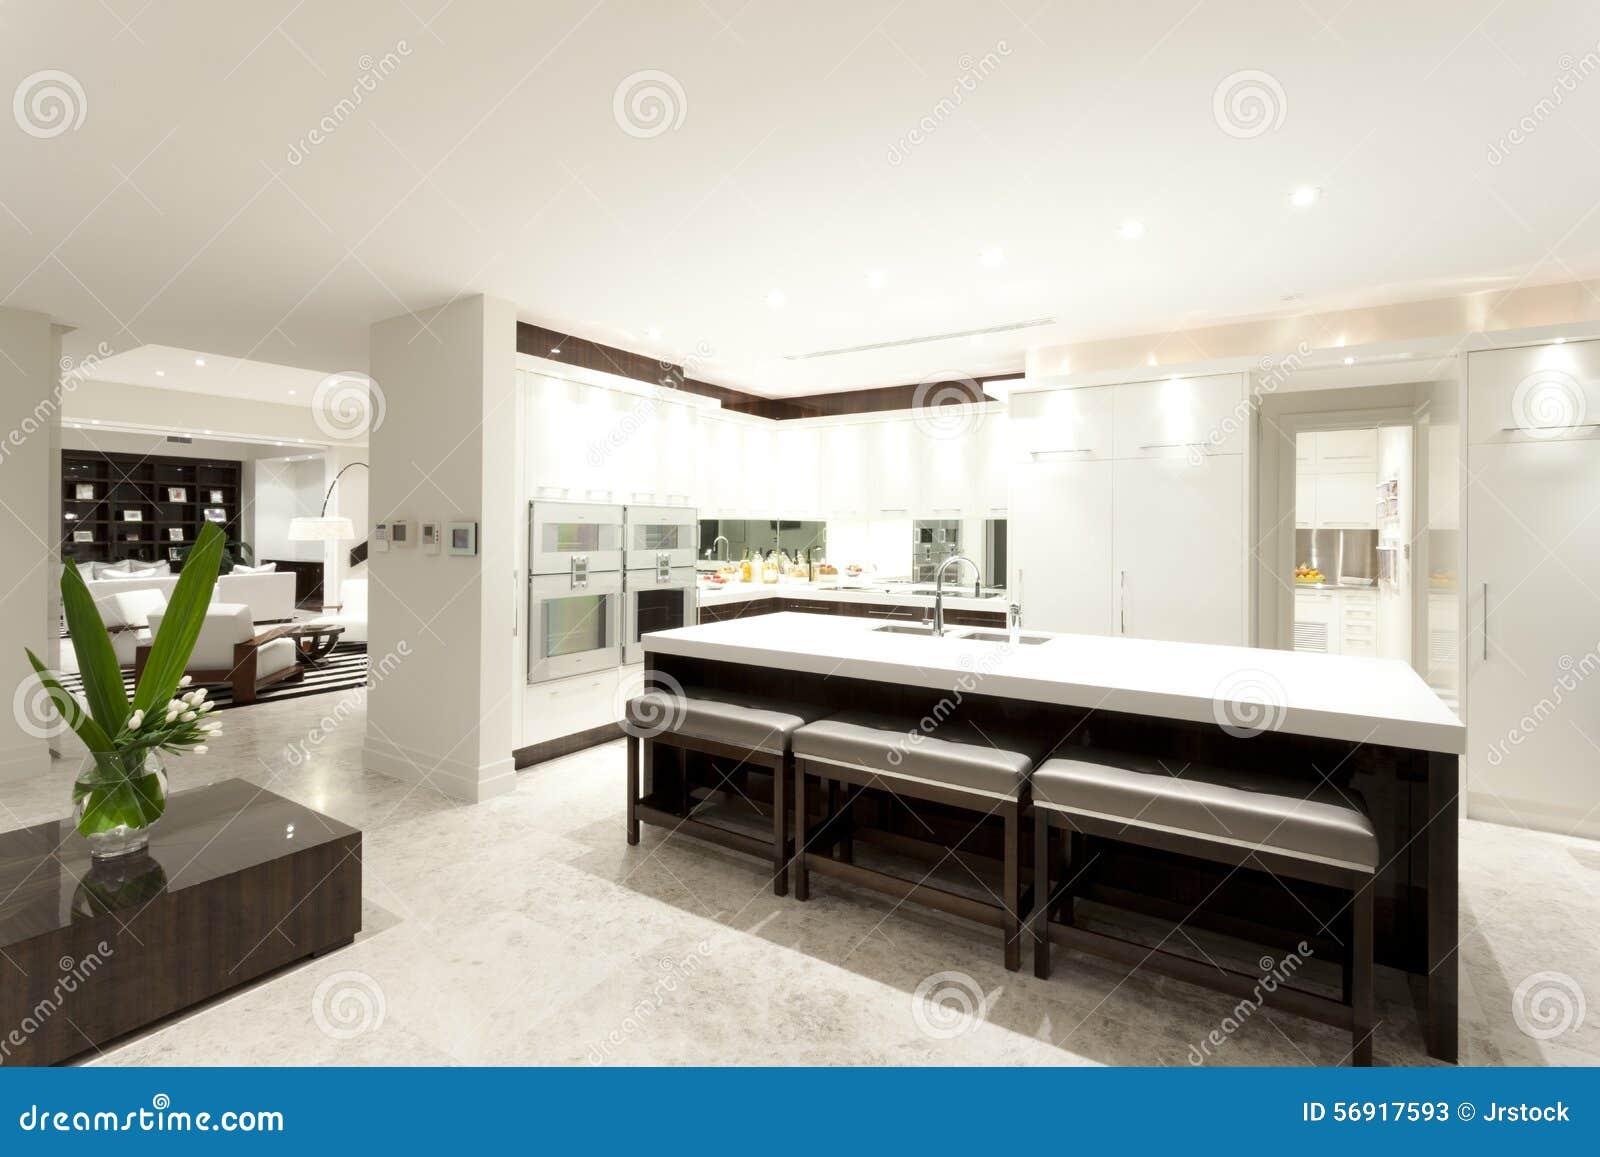 Cozinha Moderna Com Uma Ilha Grande Imagem De Stock Imagem De